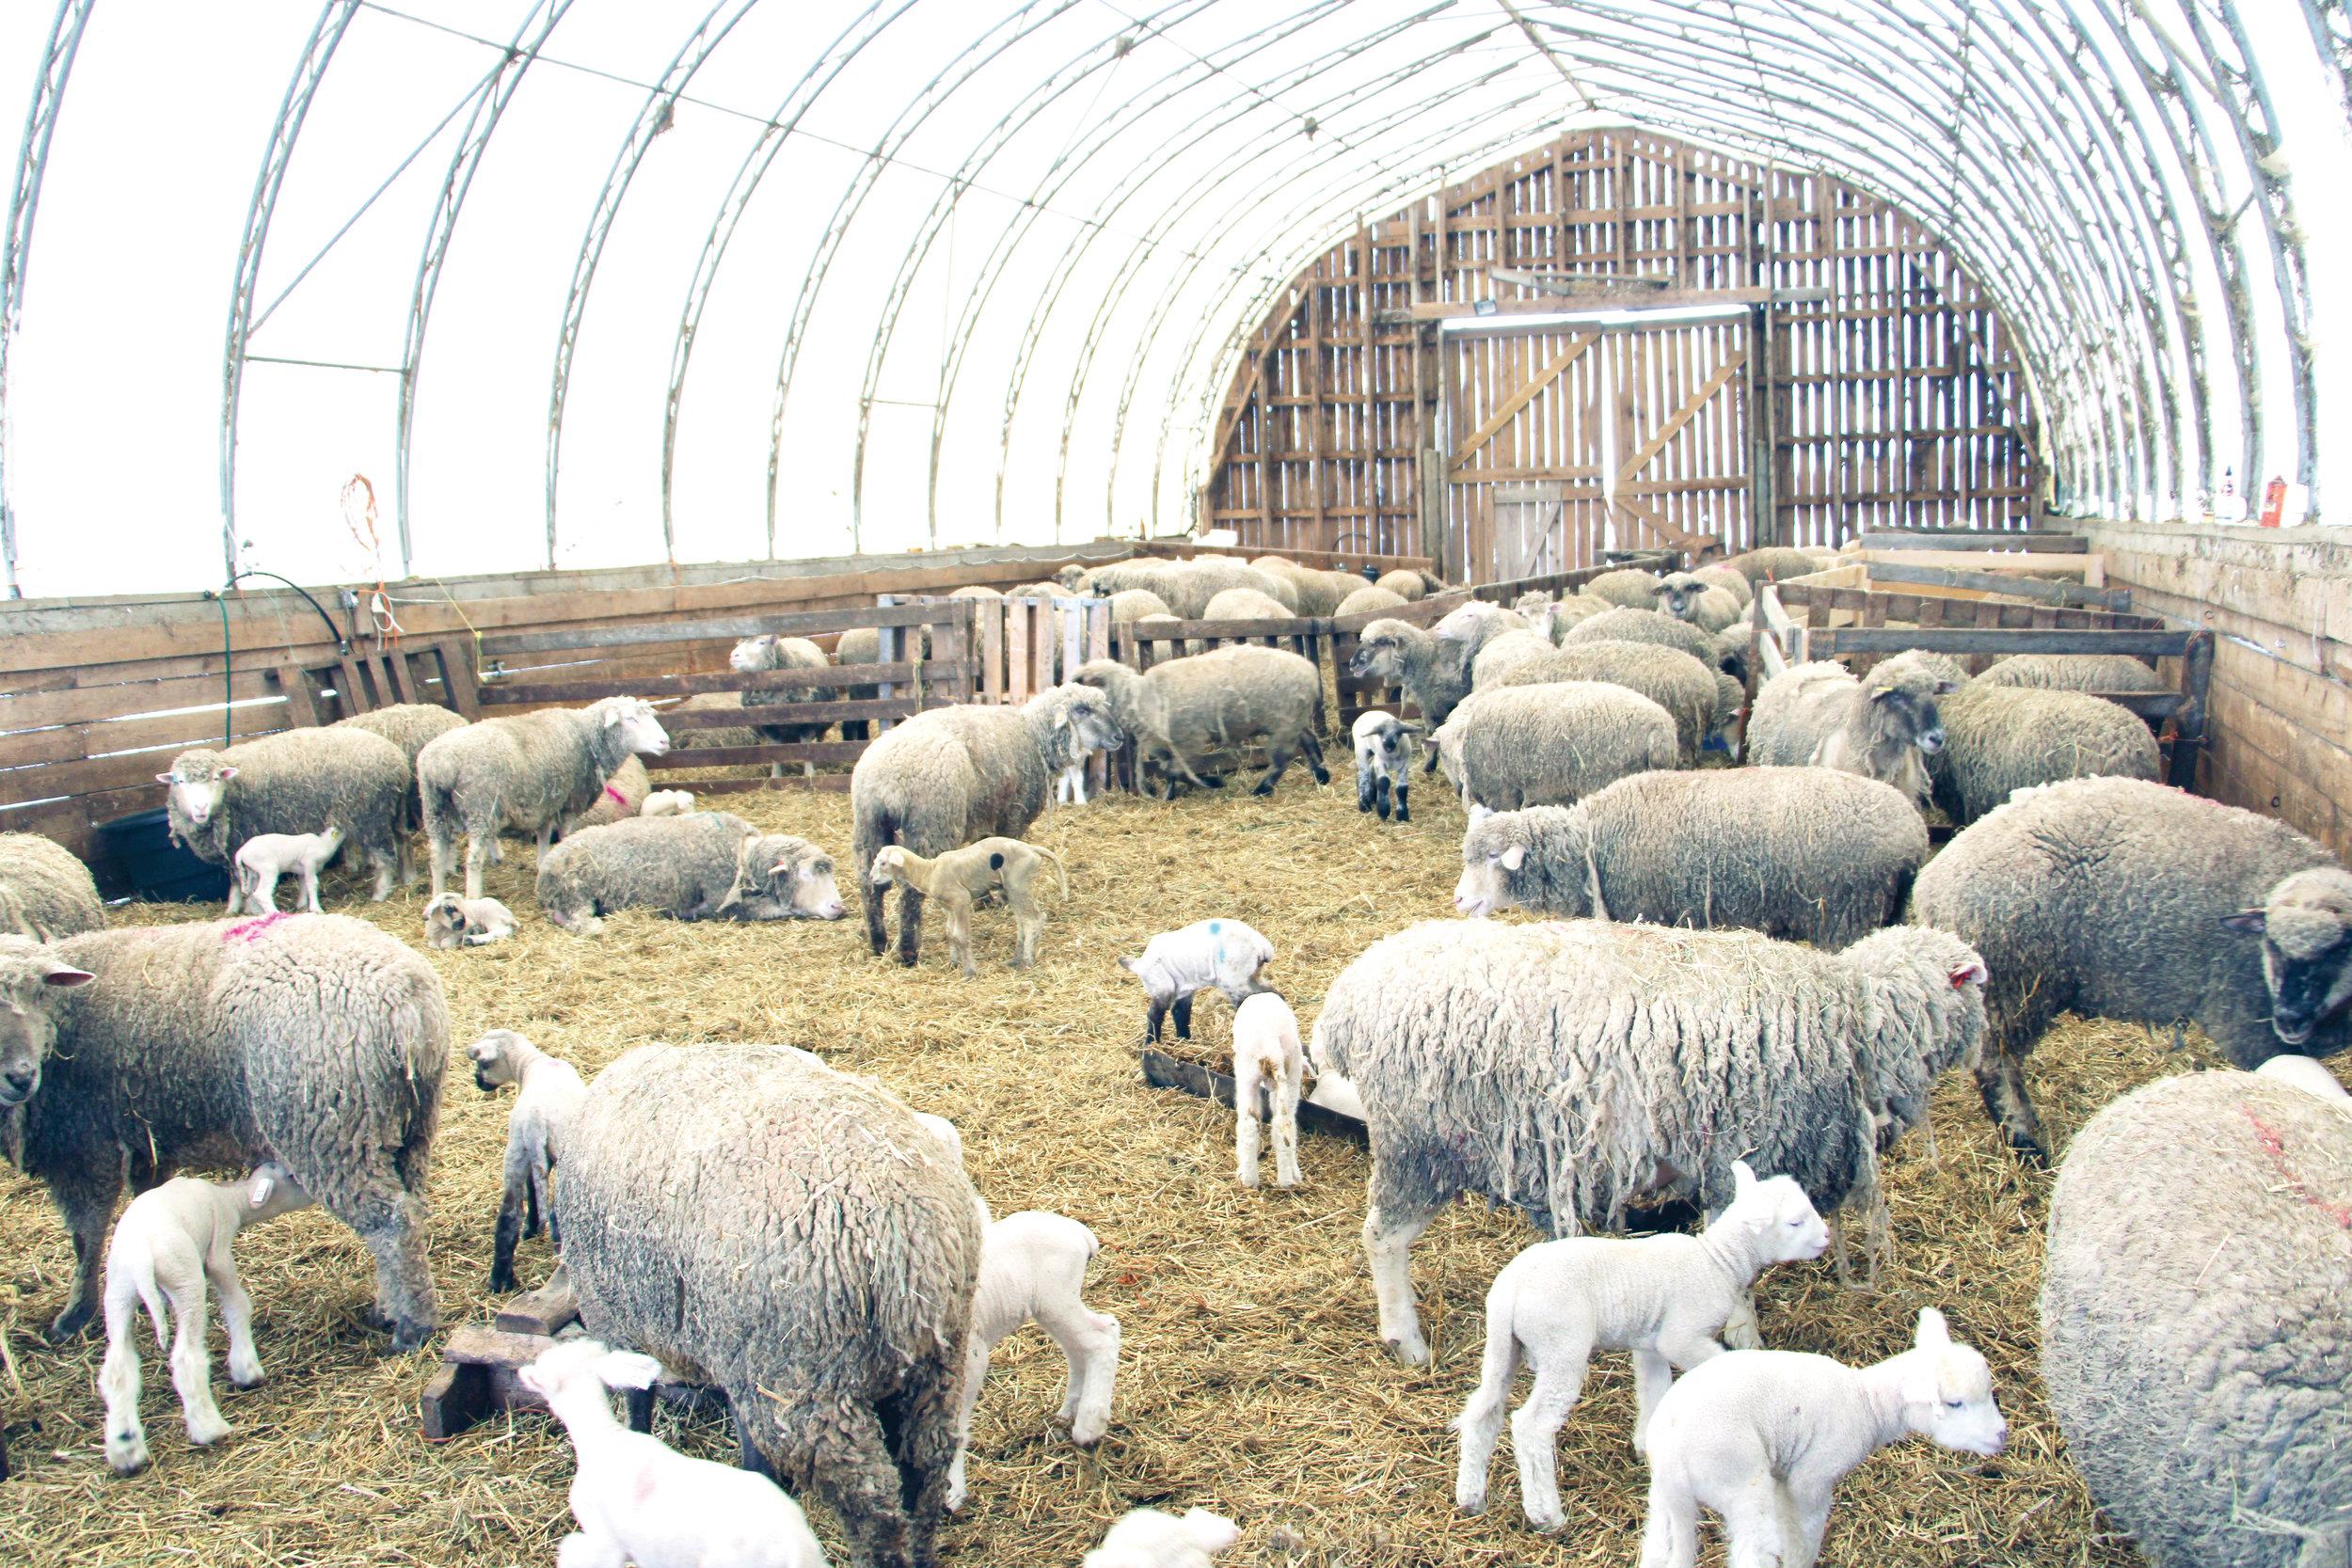 FF May 19 Wiggans Farm Pic 1.JPG